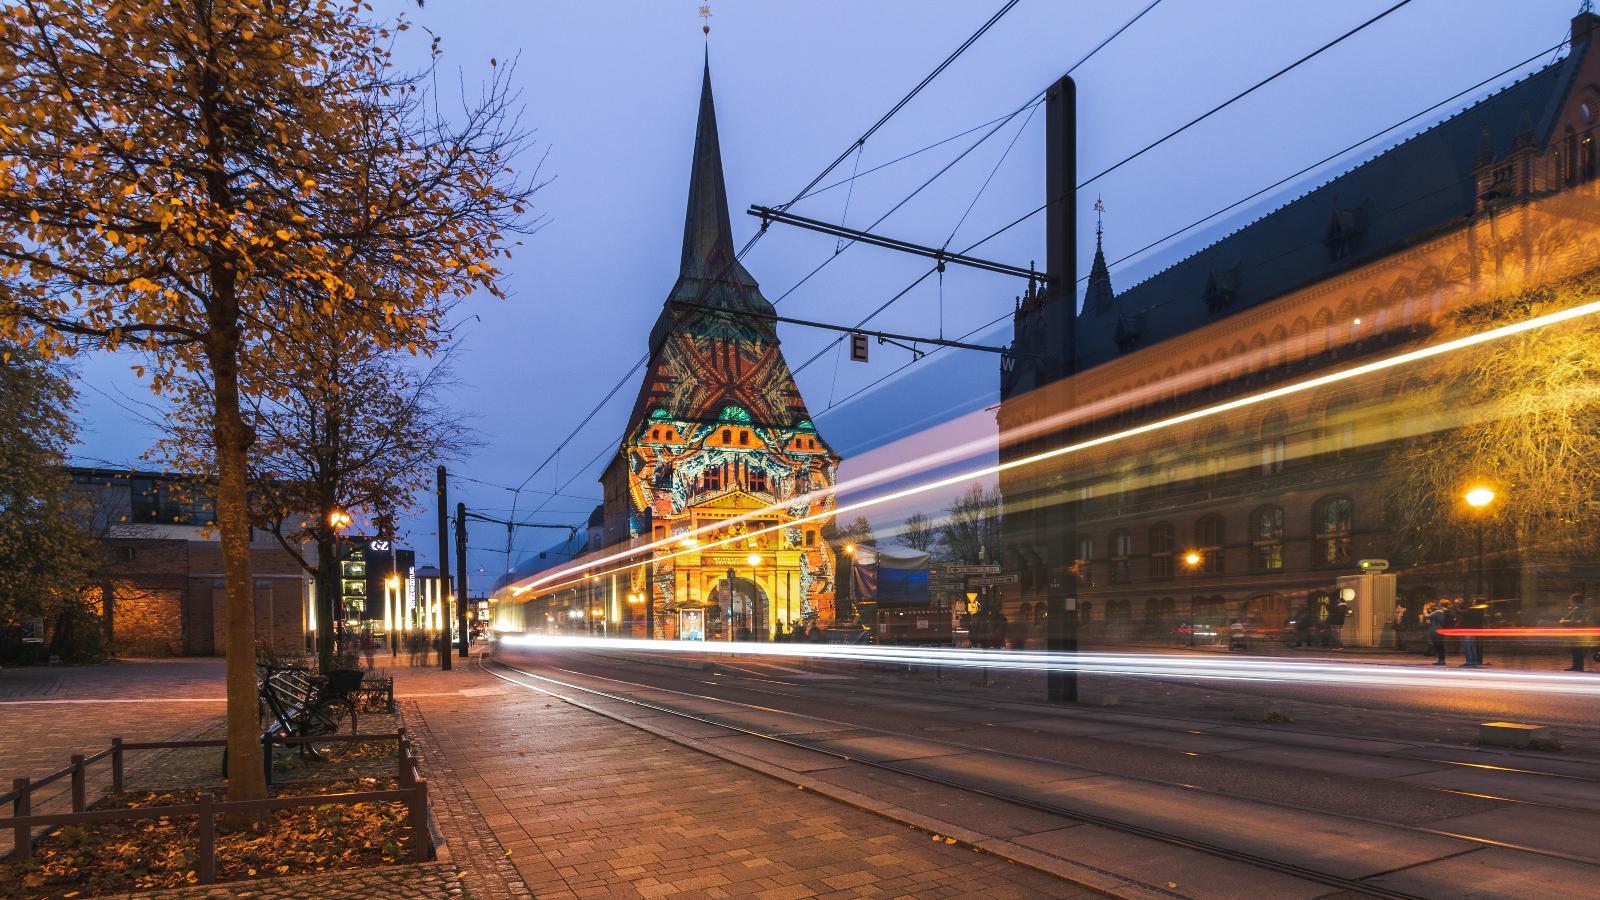 Stadtwerke verlängern die Lichtwoche